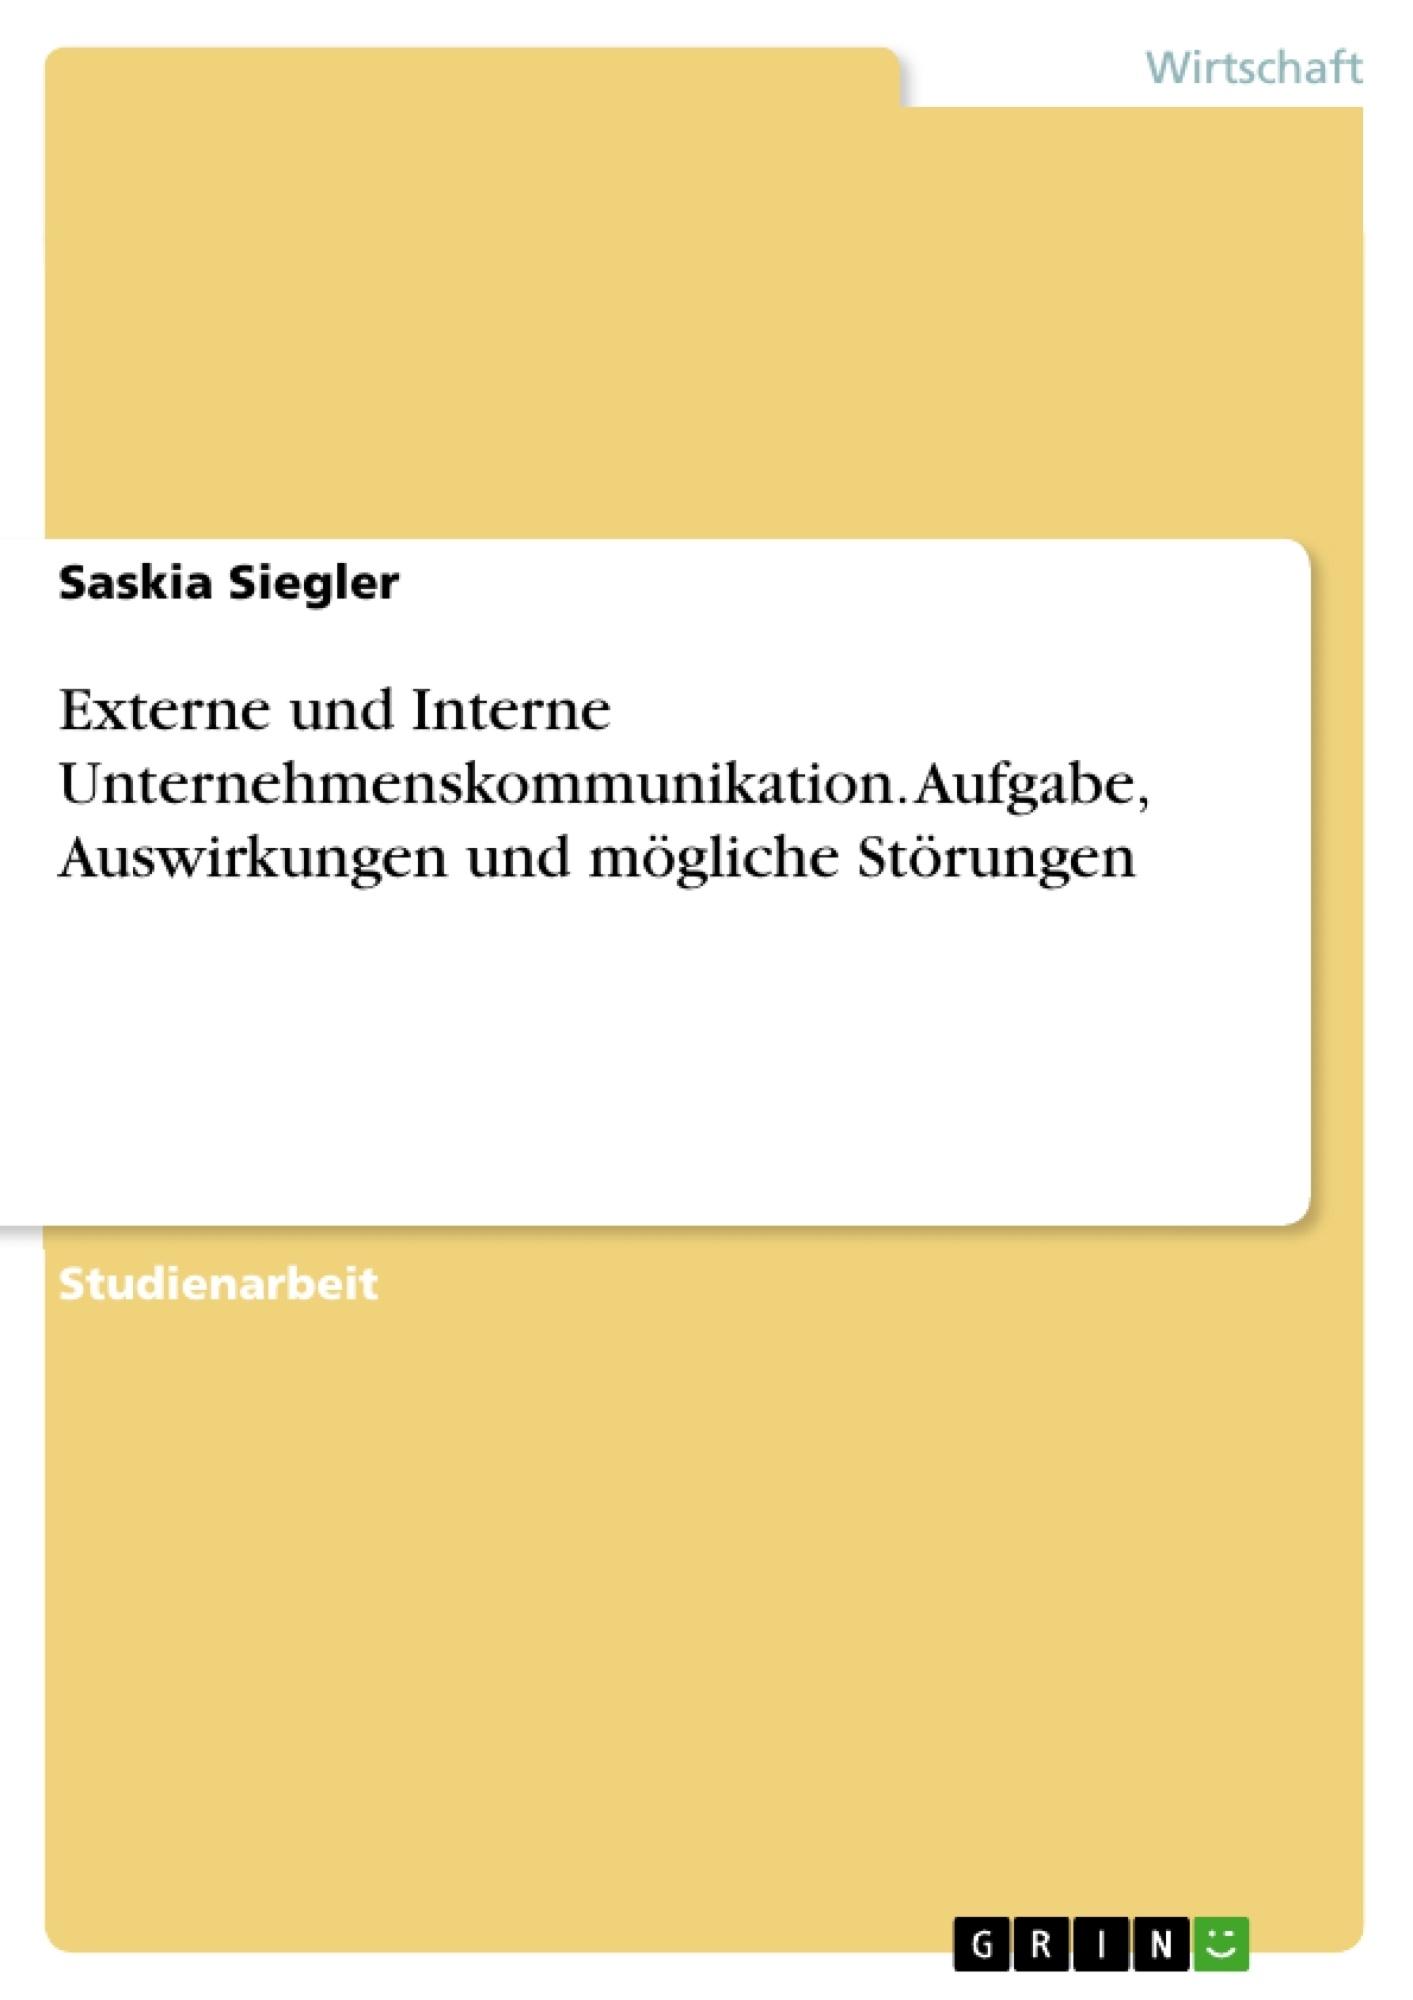 Titel: Externe und Interne Unternehmenskommunikation. Aufgabe, Auswirkungen und mögliche Störungen